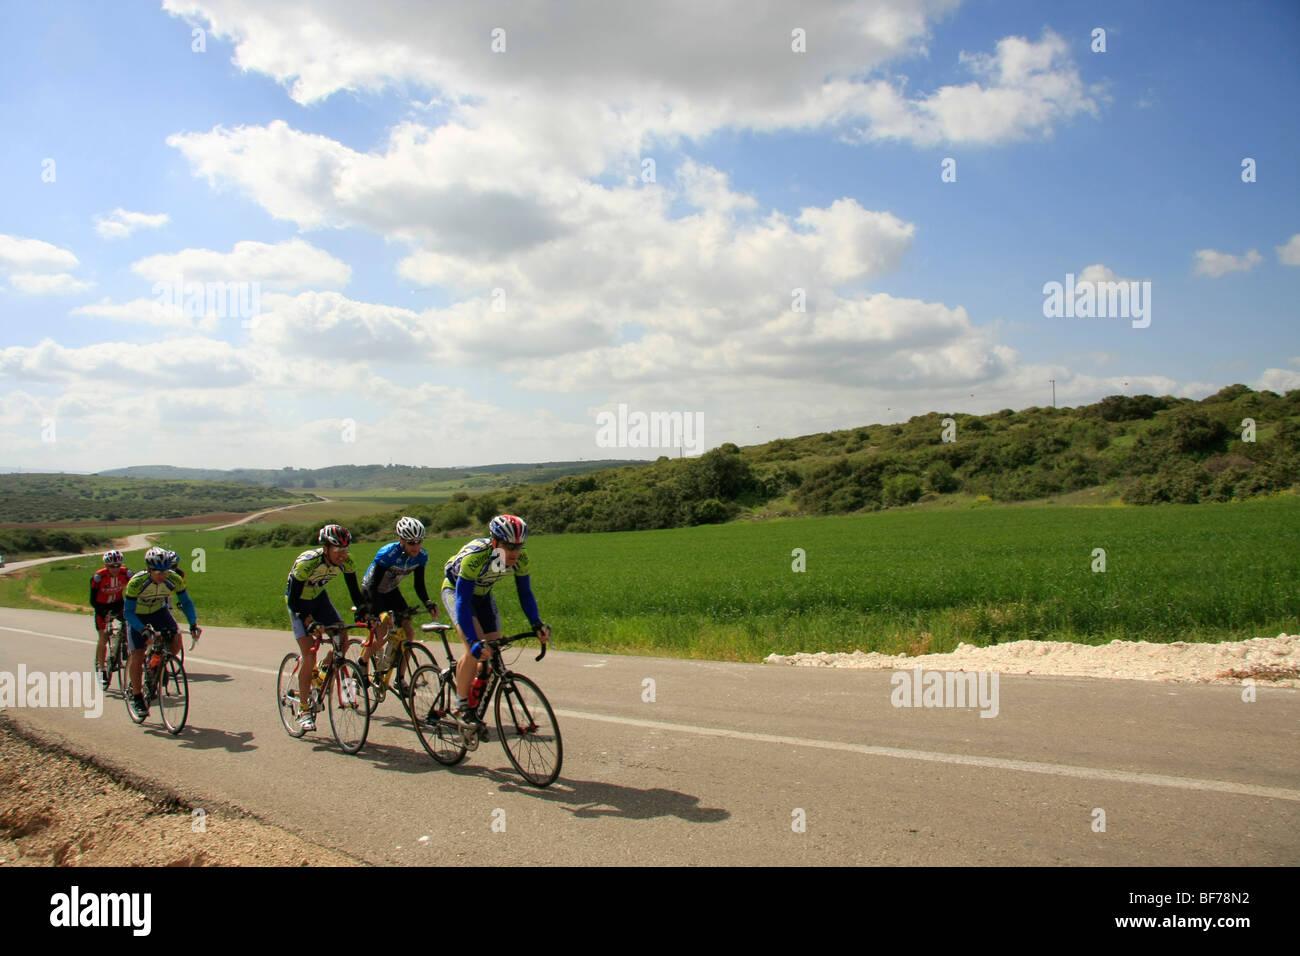 Israel, Shephelah, bike riders on Beth Guvrin-Beth Nir road - Stock Image